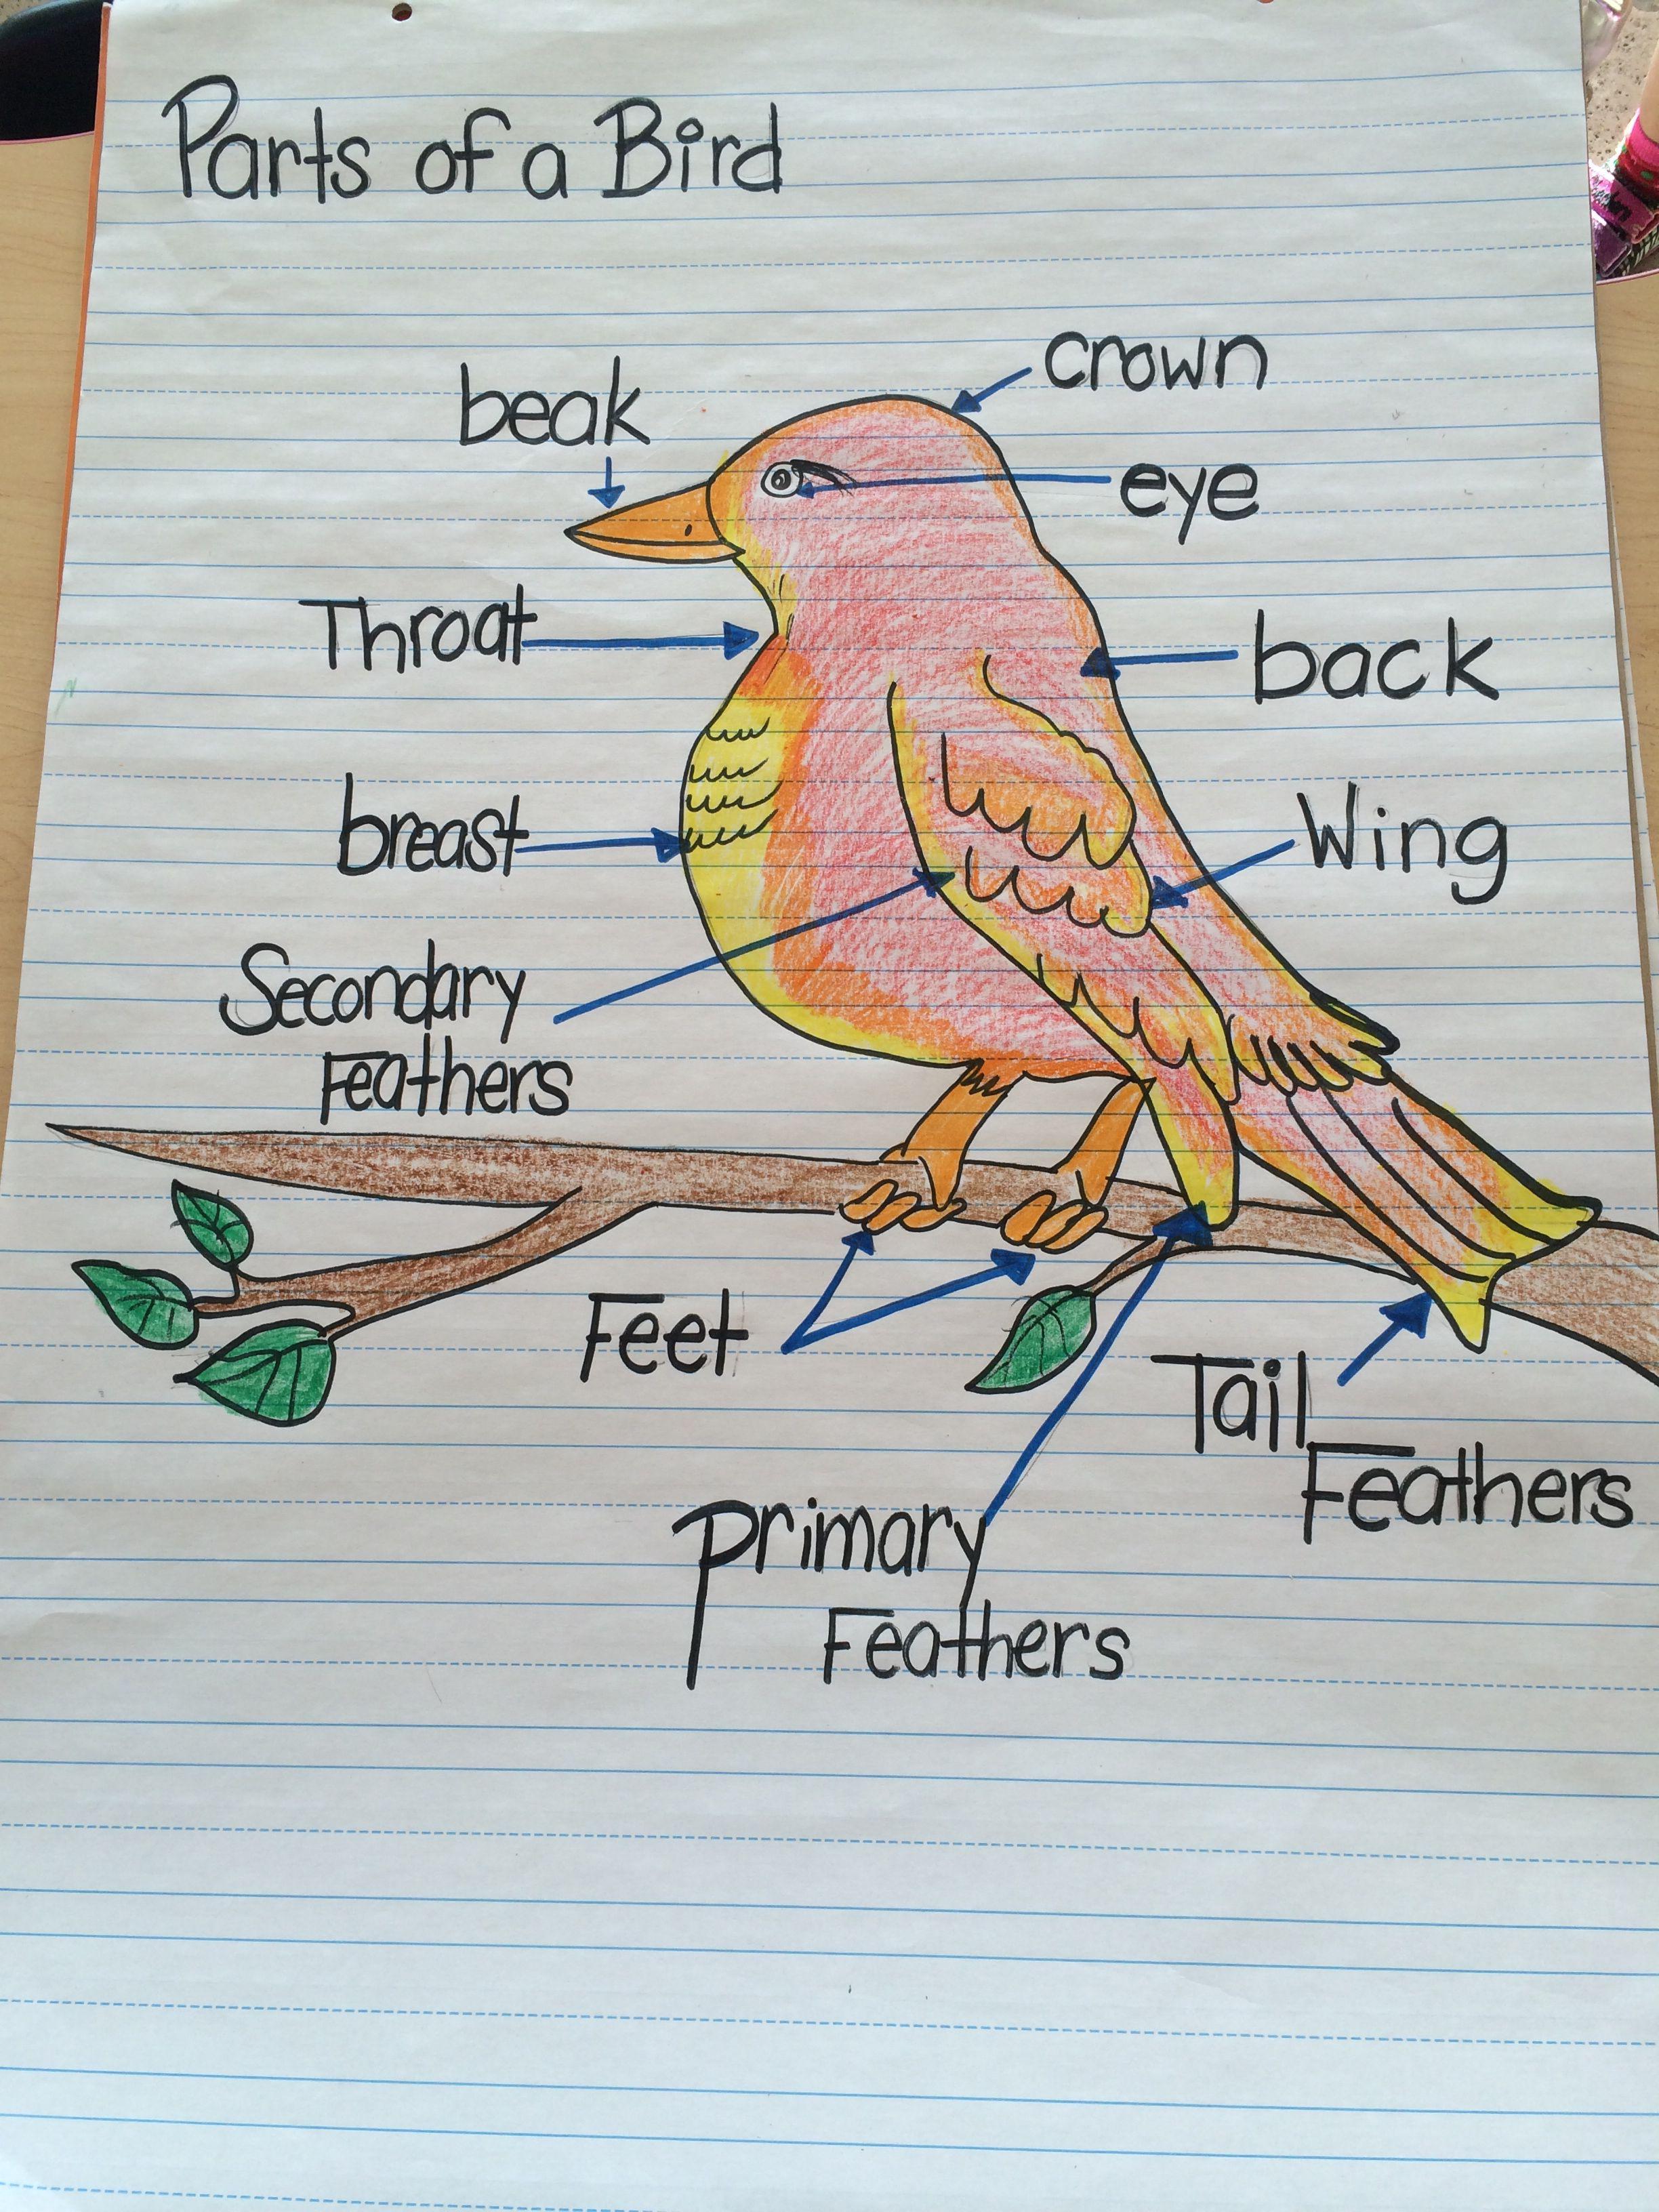 Parts of a bird chart | work ideas | Pinterest | Birds ...